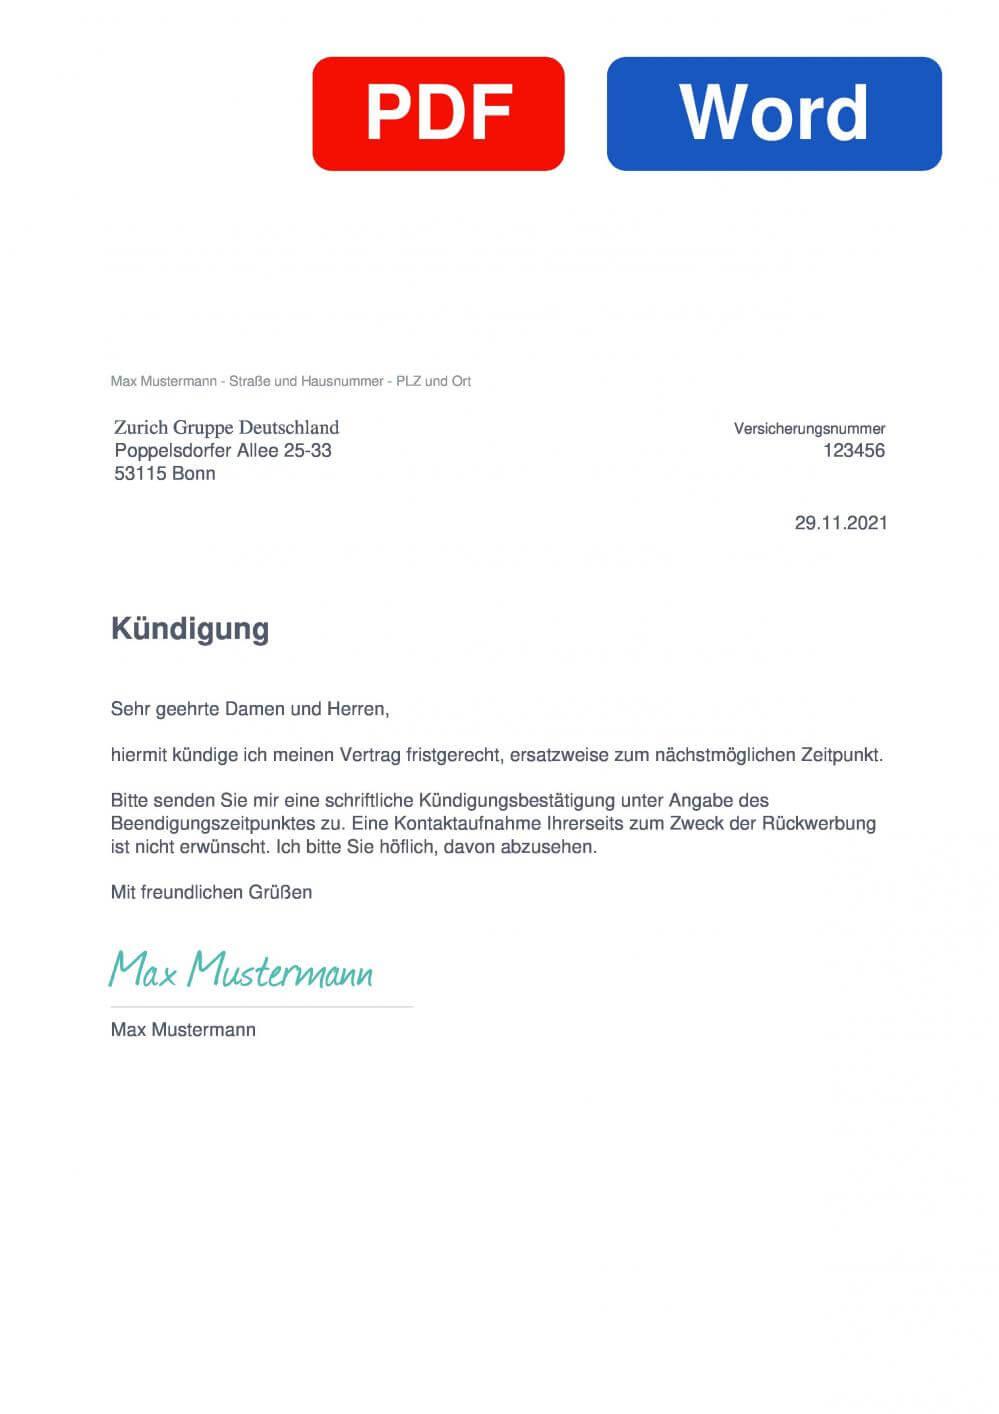 Zurich Lebensversicherung Muster Vorlage für Kündigungsschreiben